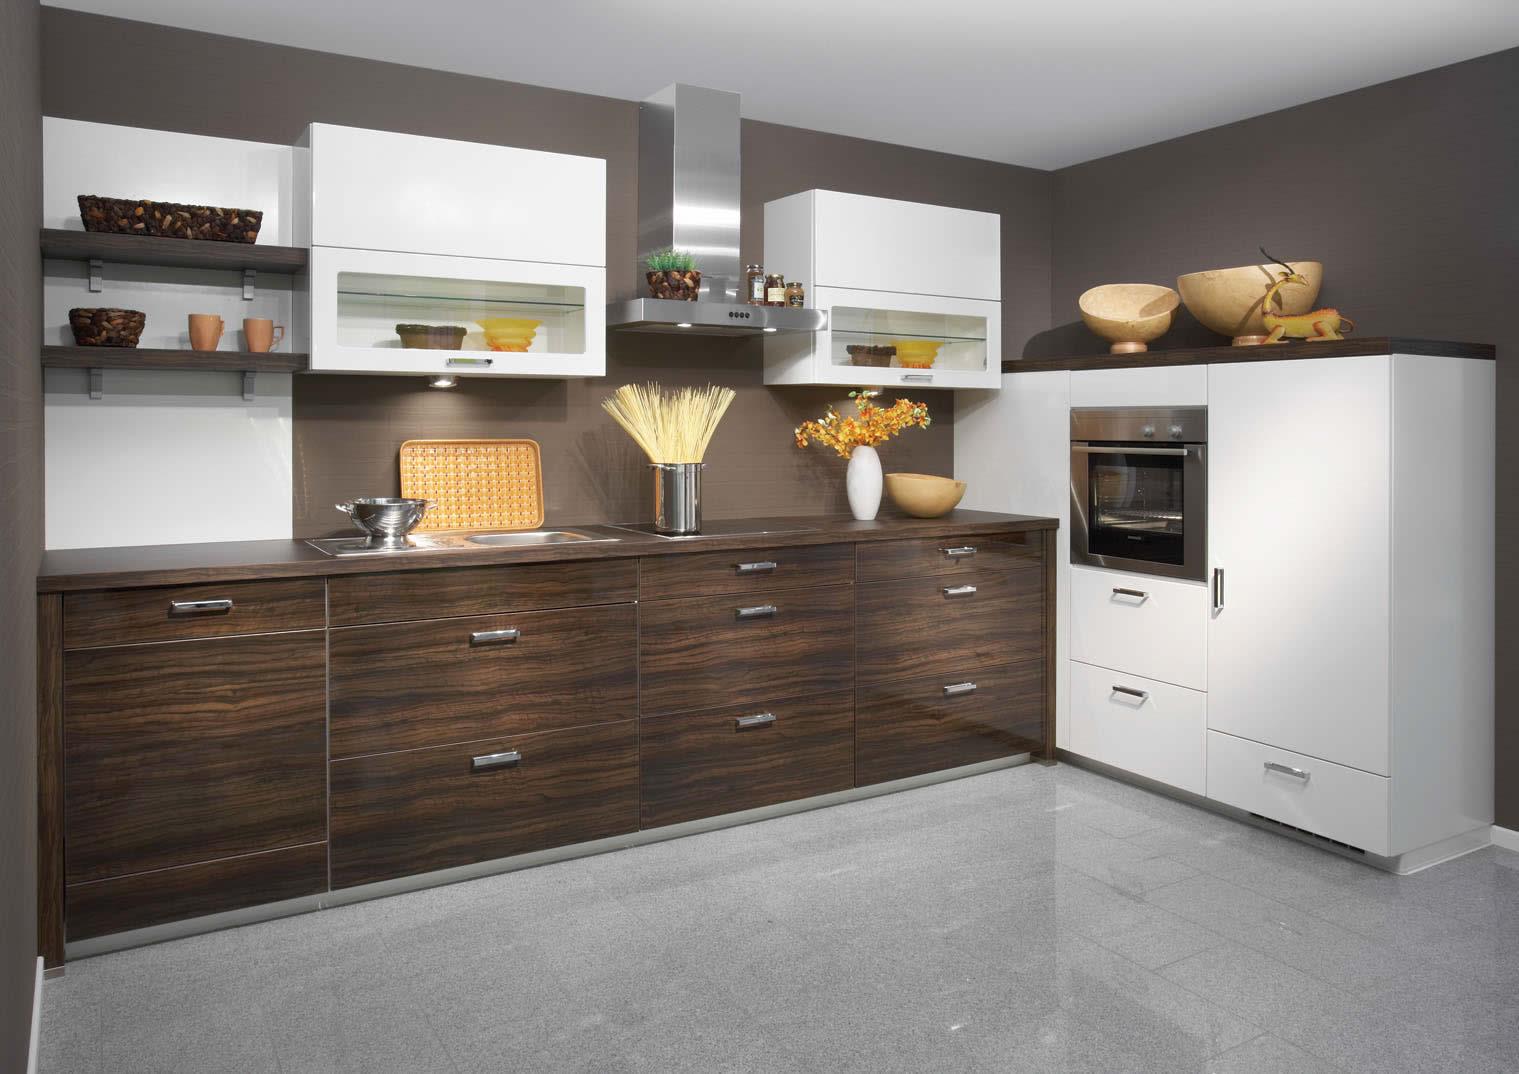 Mách bạn mẫu tủ bếp đẹp hiện đại cho không gian nhà hoàn hảo